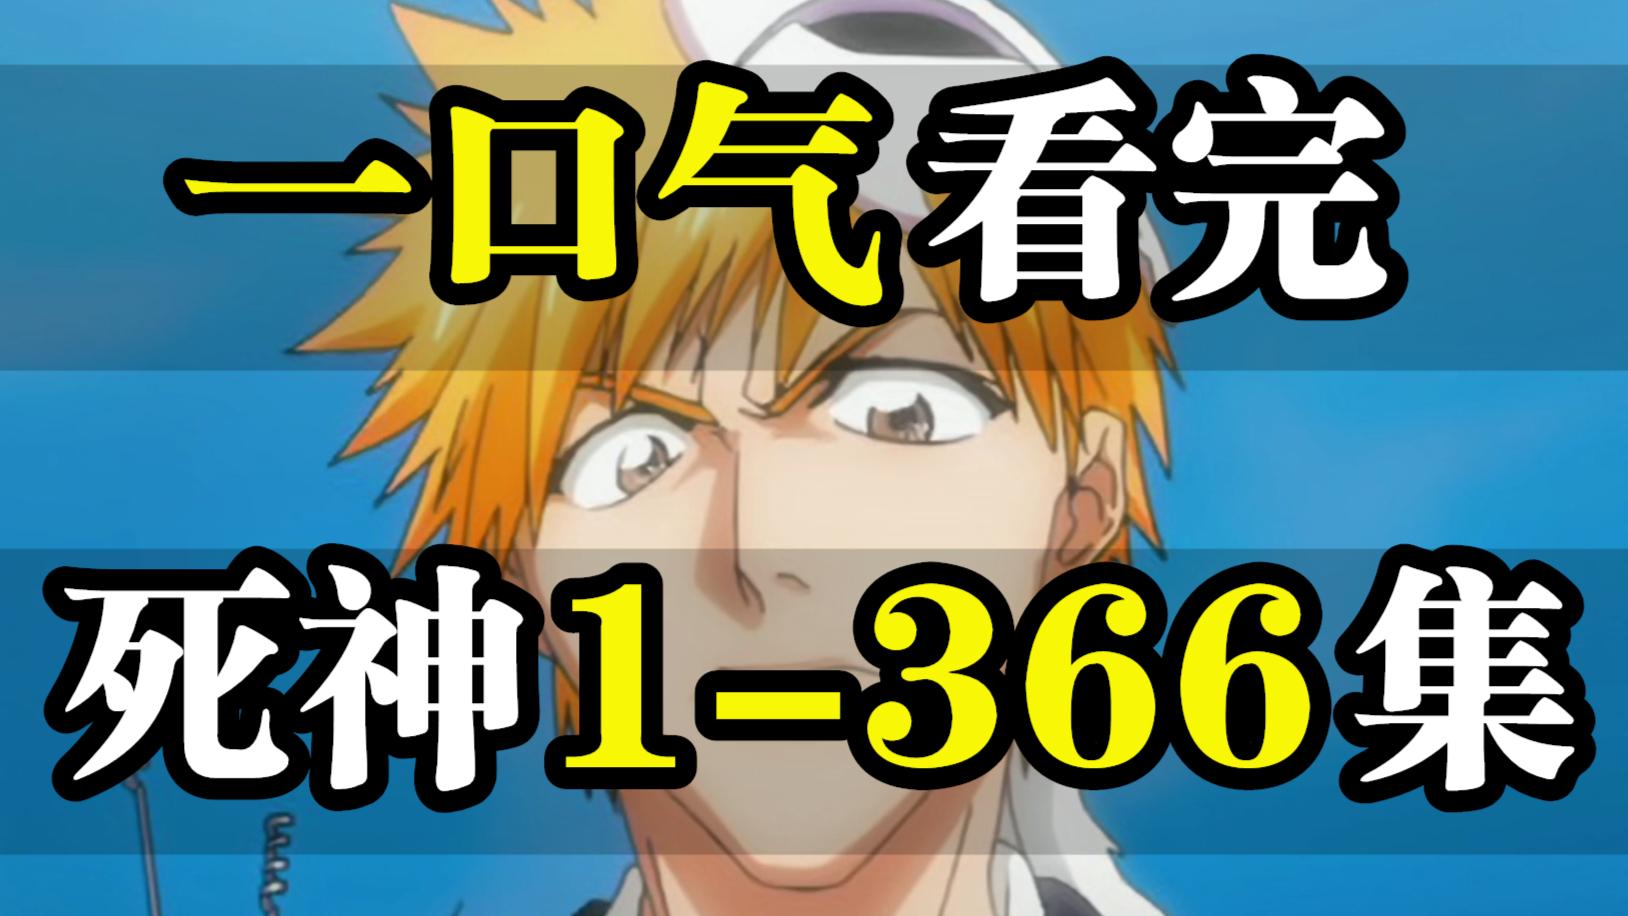 【死神】1-366集!一口气看完,大制作!